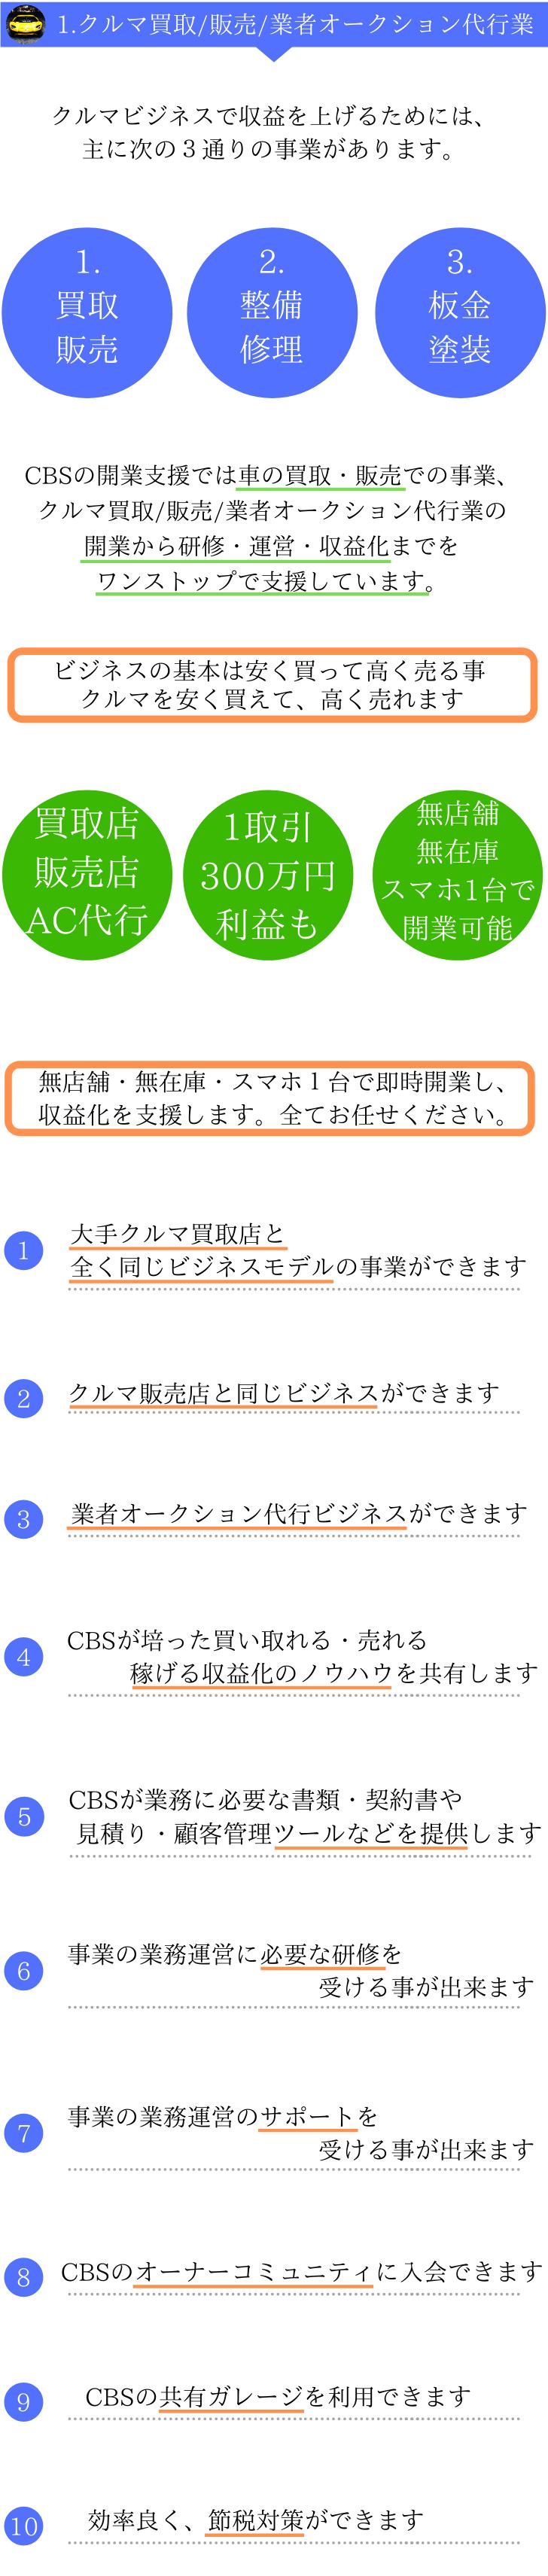 中古車買取店・販売店・業者オークション代行業を独立開業起業5-1